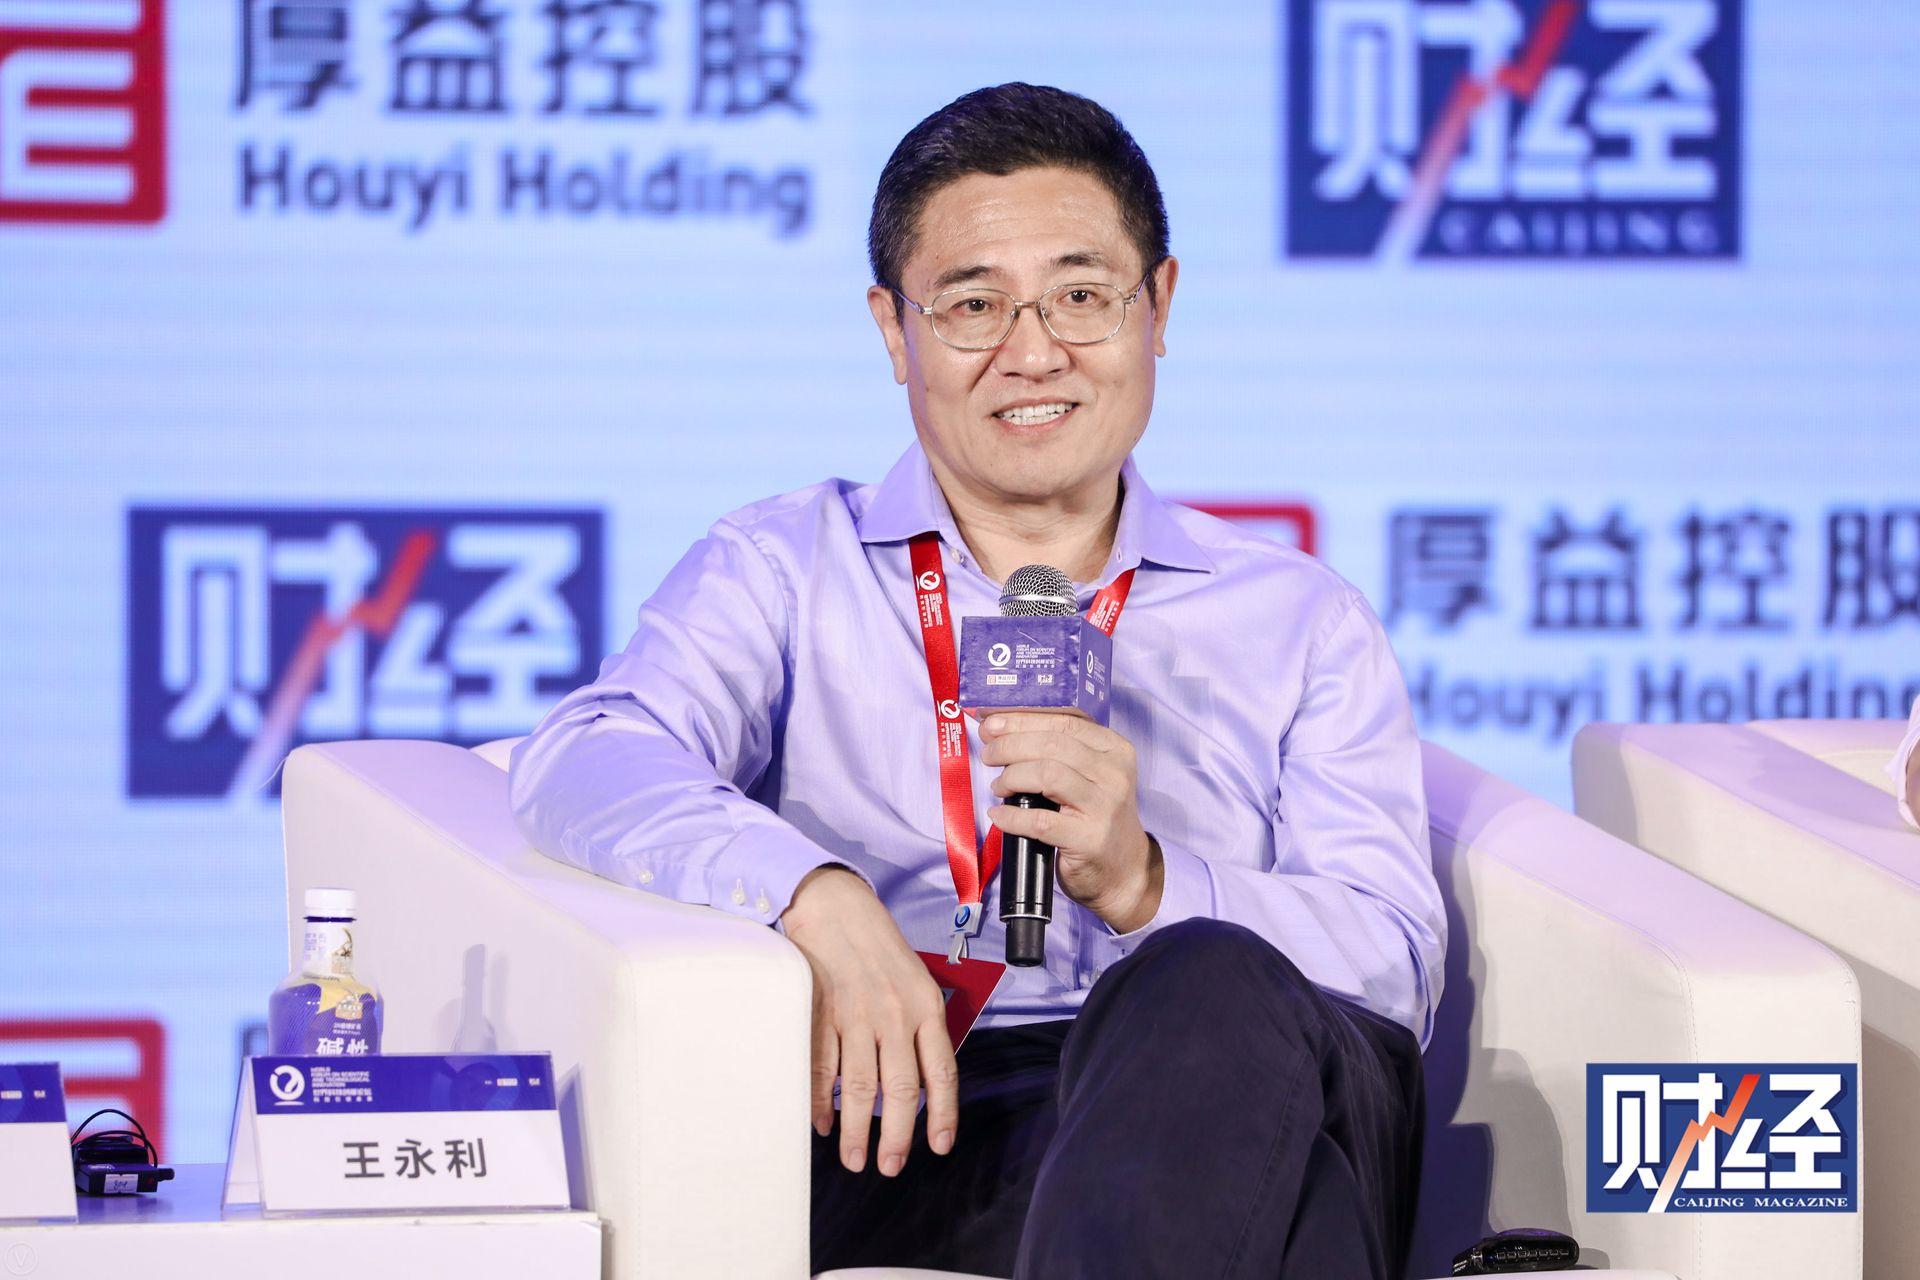 王永利,海峡区块链研究院院长、共享金融100人论坛理事长